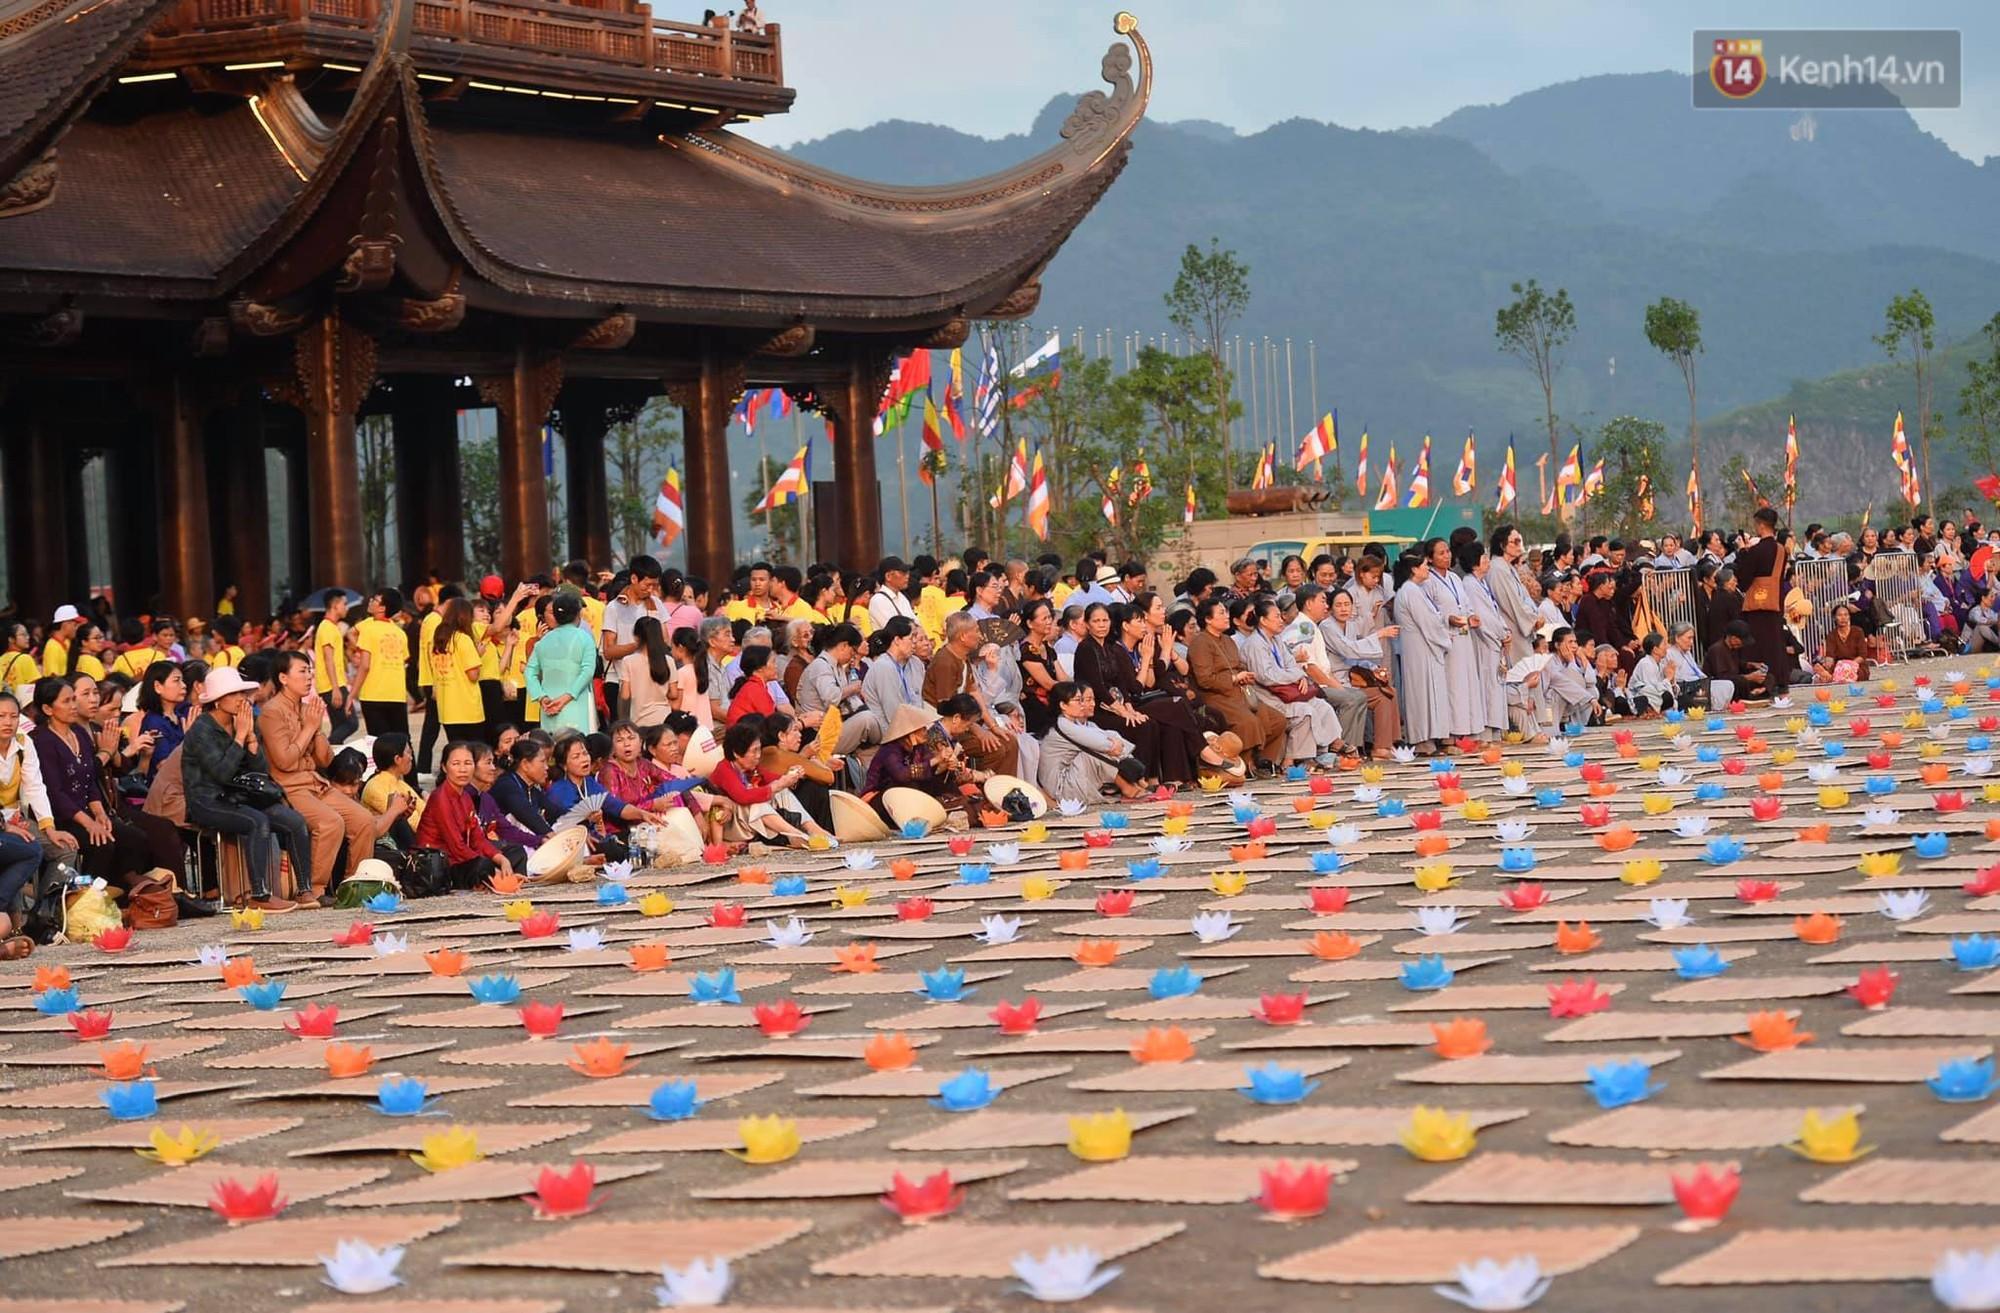 Hàng vạn người tham gia buổi lễ cầu nguyện hoà bình và hoa đăng tại chùa Tam Chúc - Ảnh 2.